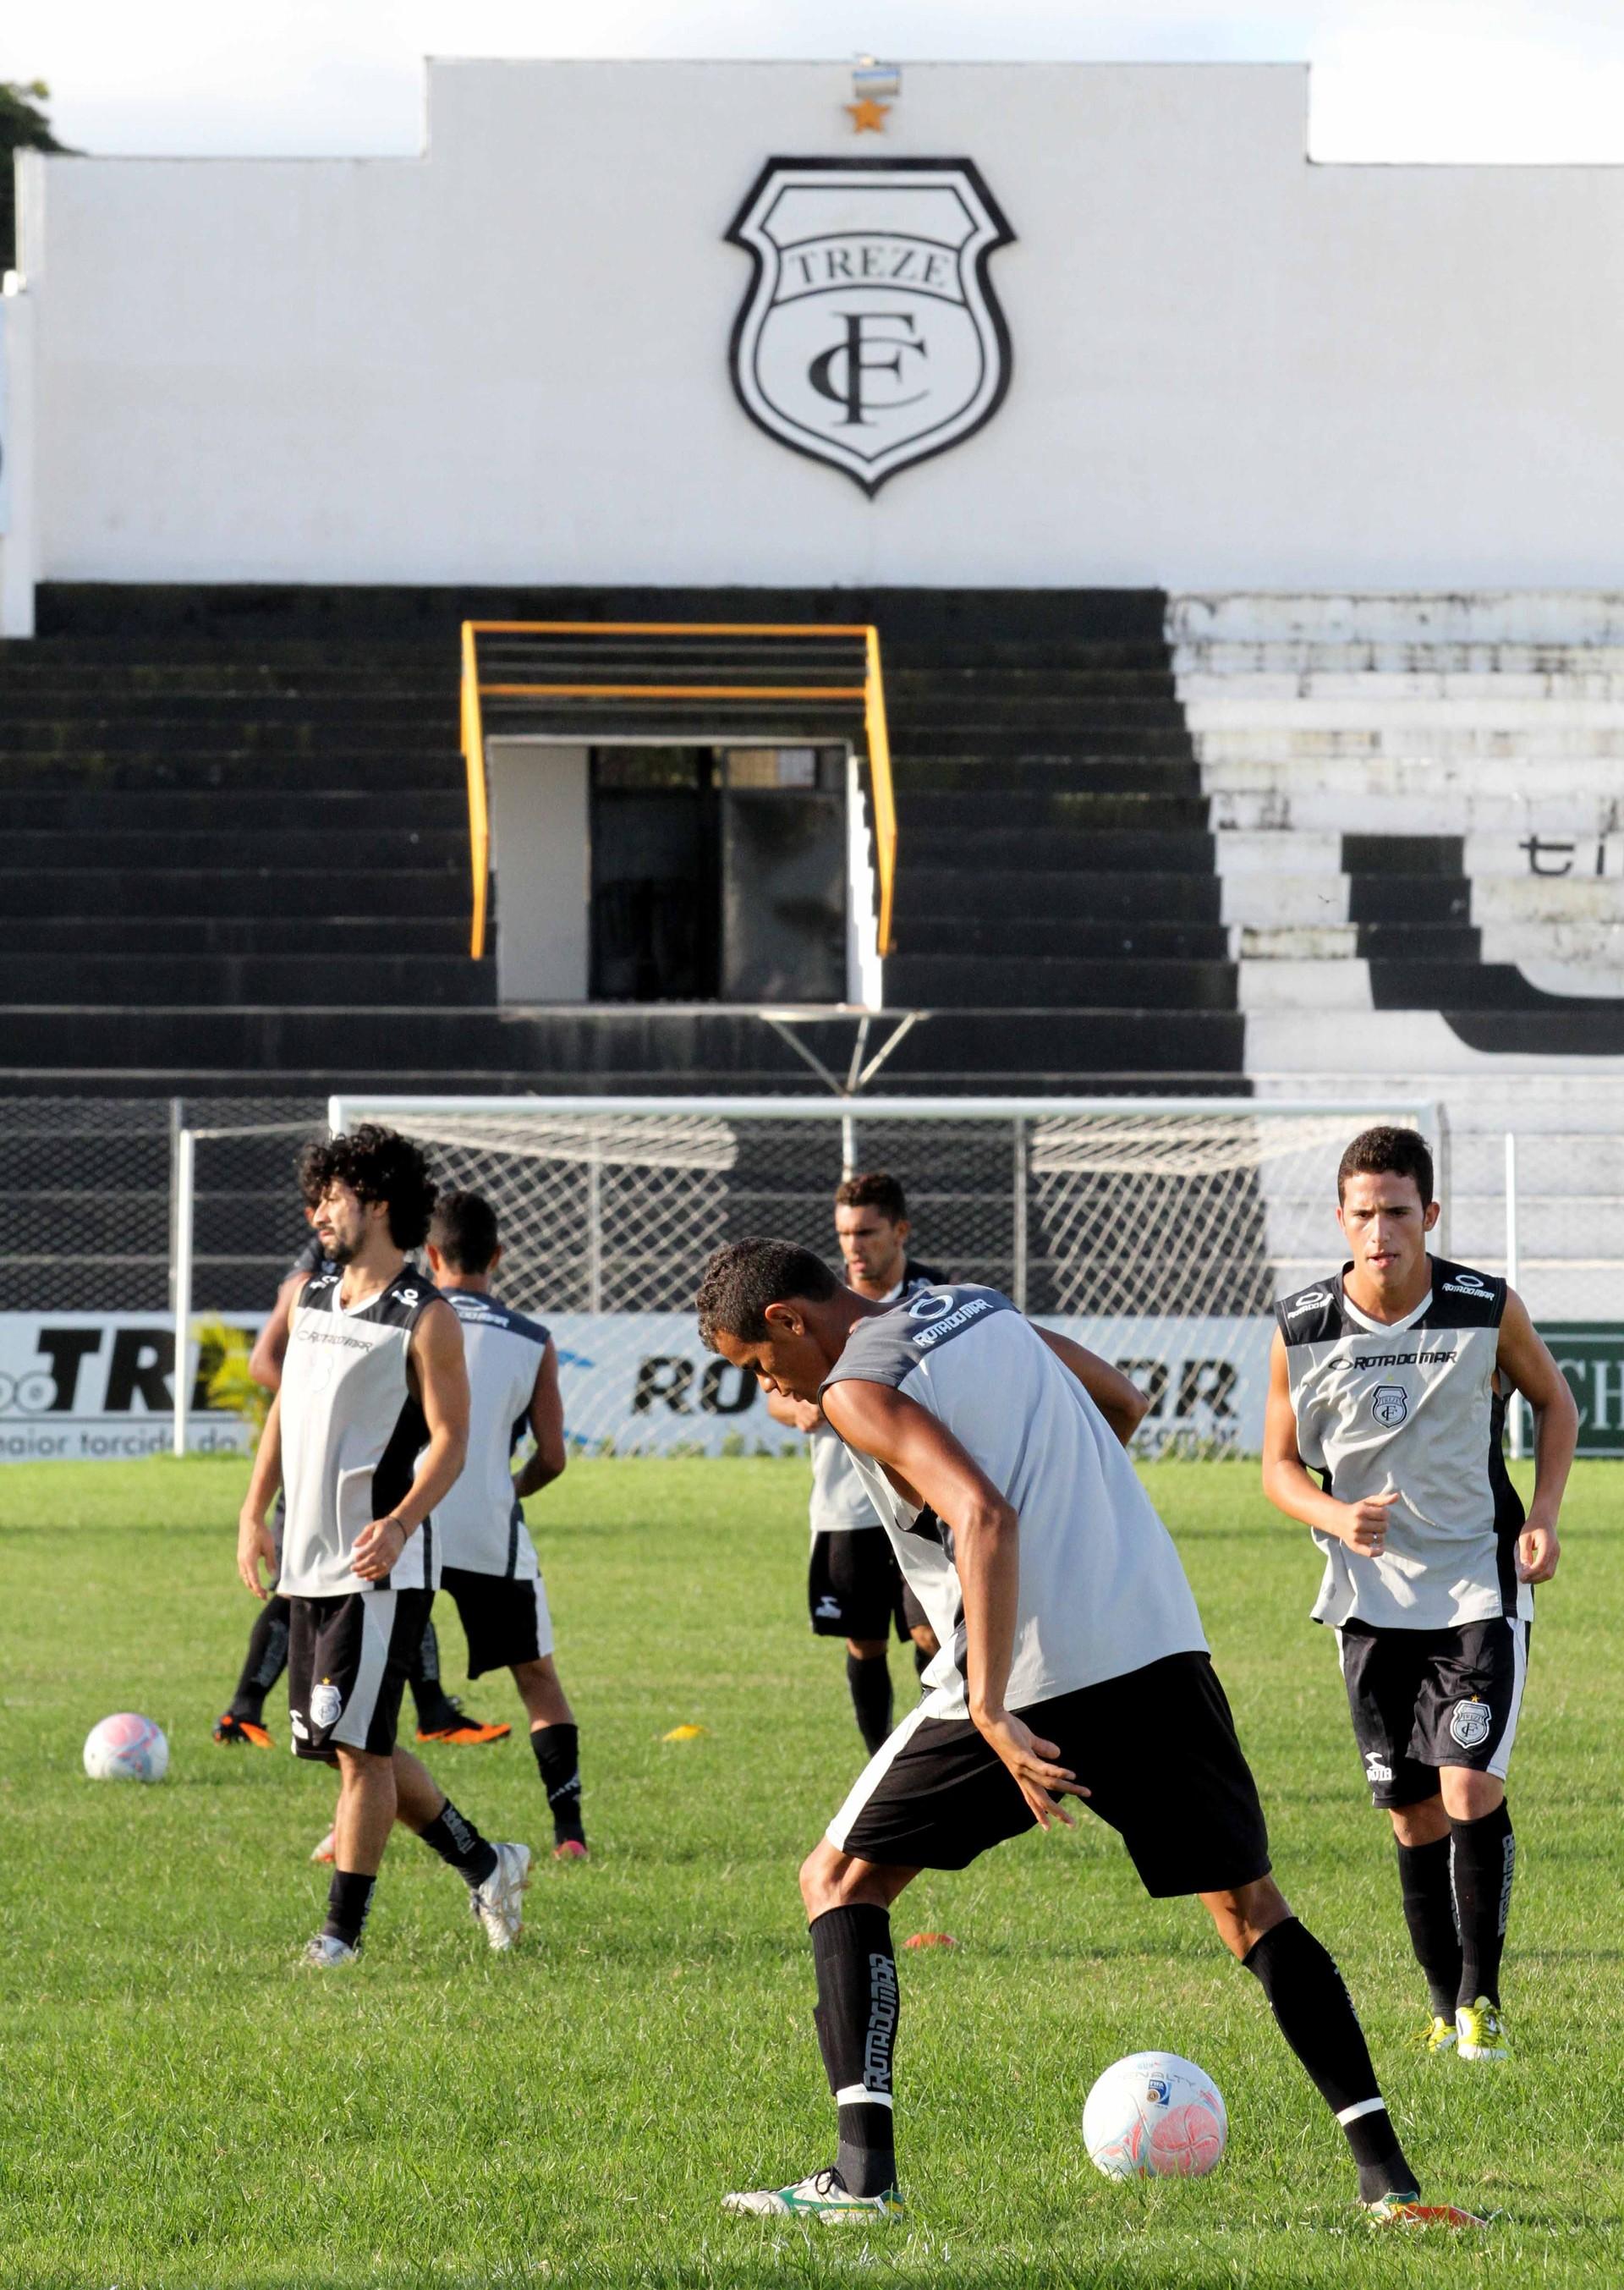 http   globoesporte.globo.com sp sorocaba futebol noticia 2014 11 ... 0108671167582